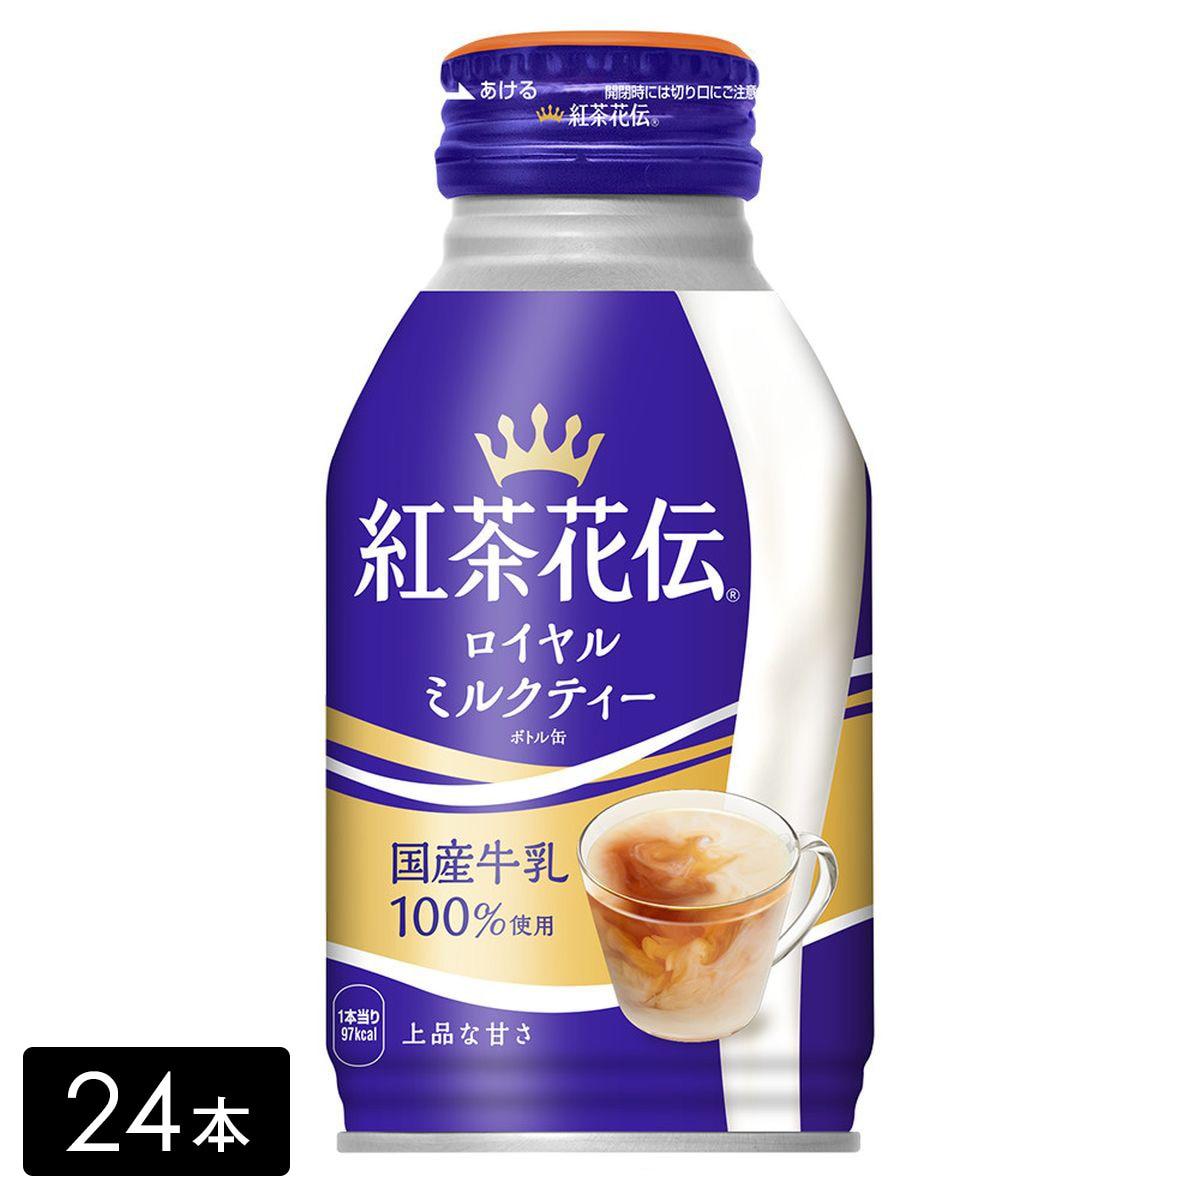 紅茶花伝ロイヤルミルクティーボトル 270mL×24本